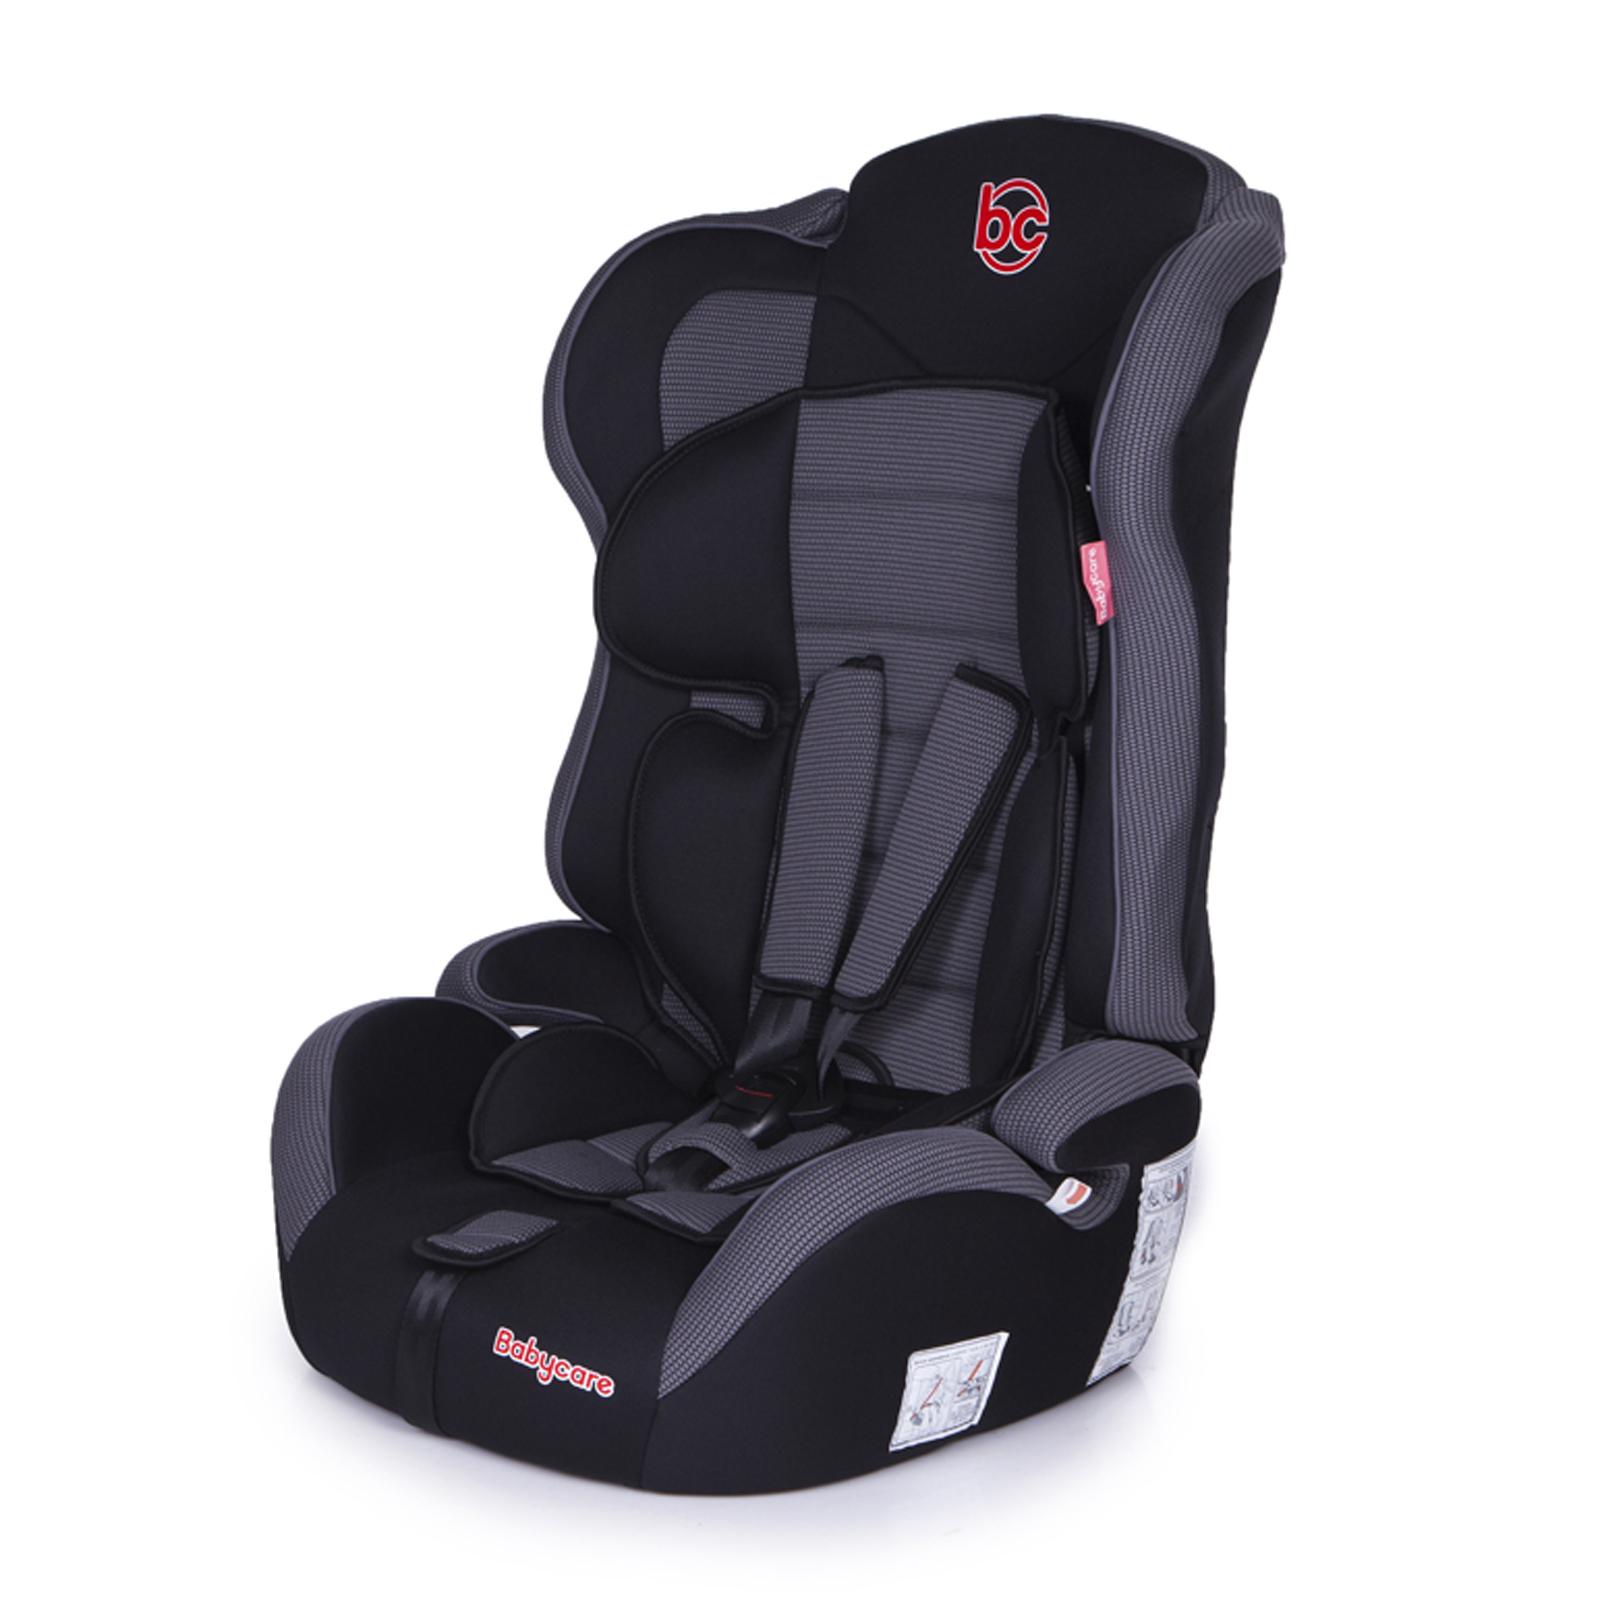 Автокресло Baby care Upiter Plus гр I/II/III 9-36кг 1-12лет Upiter Plus по цене 3 450